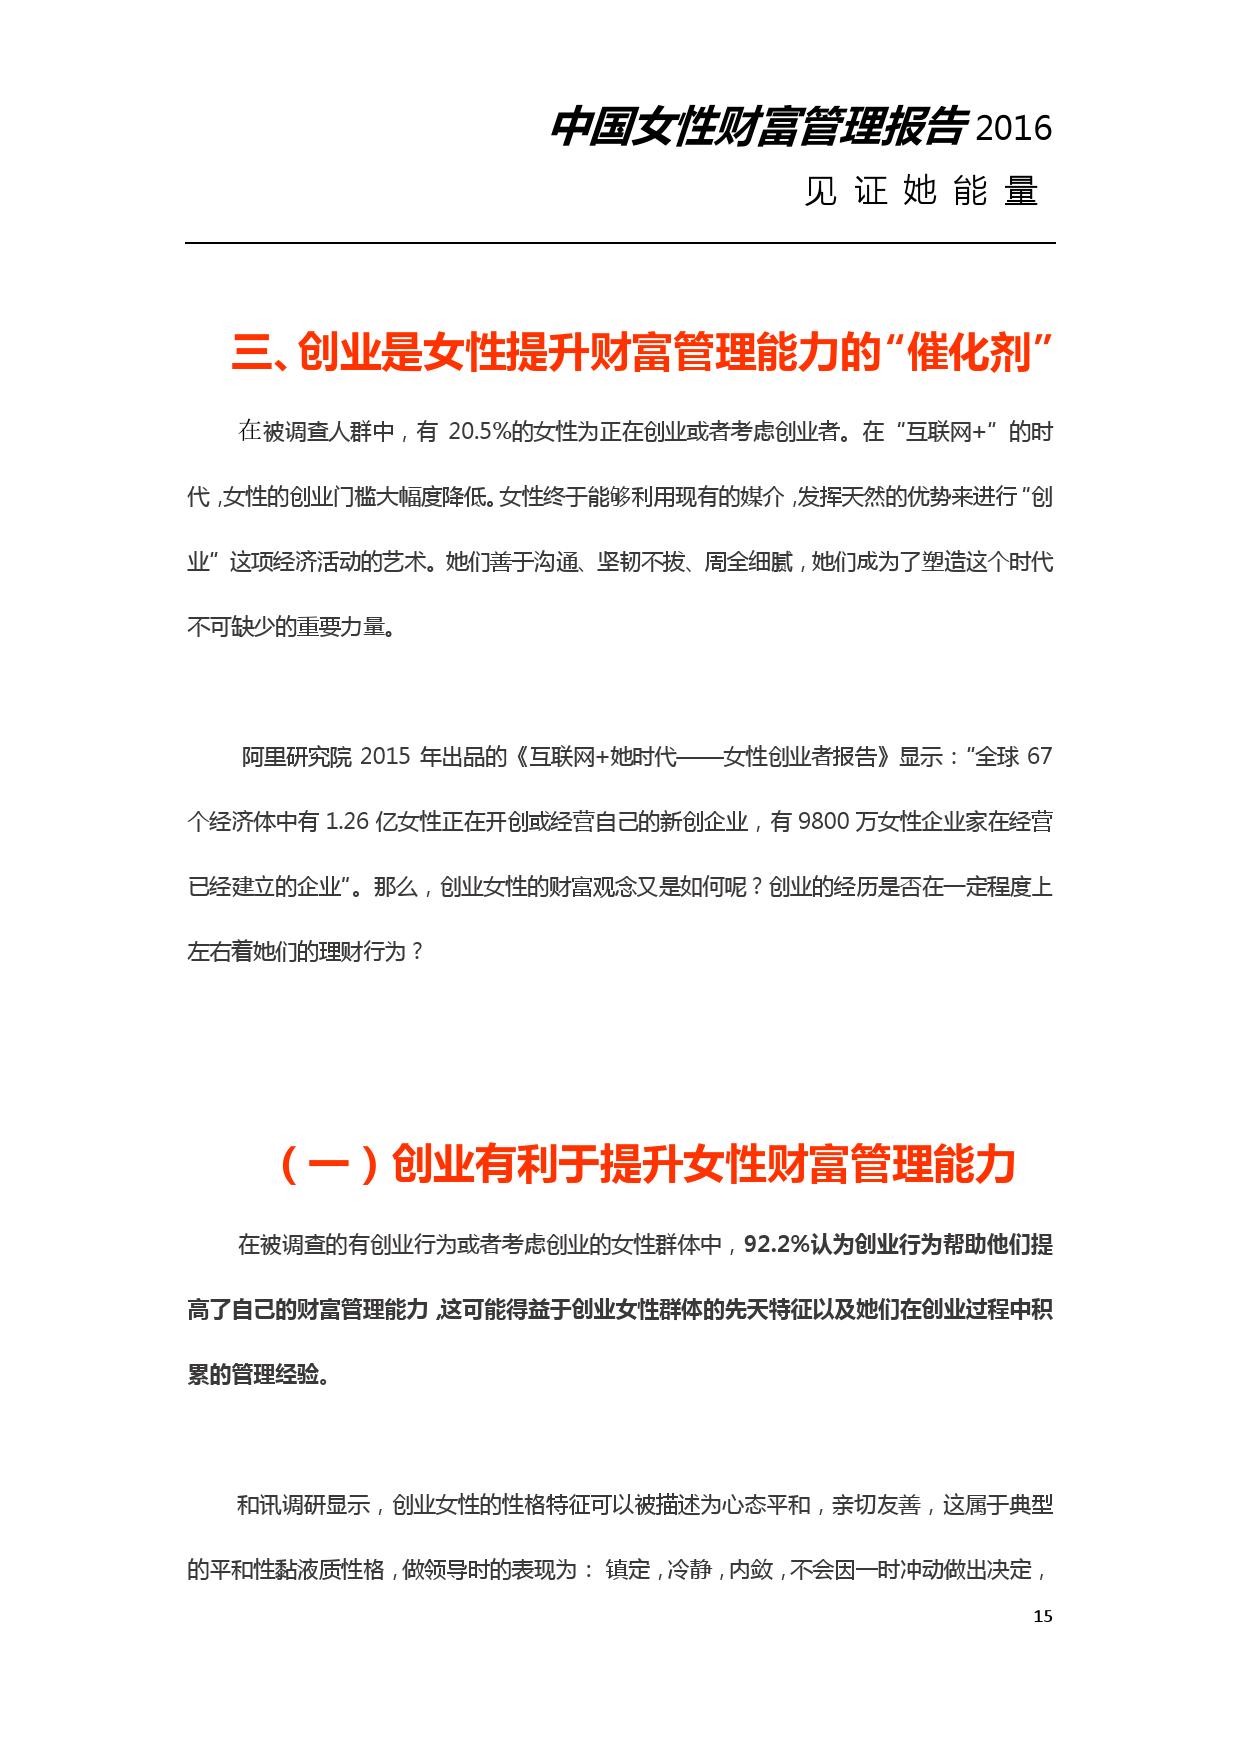 2016年中国女性财富管理报告_000015